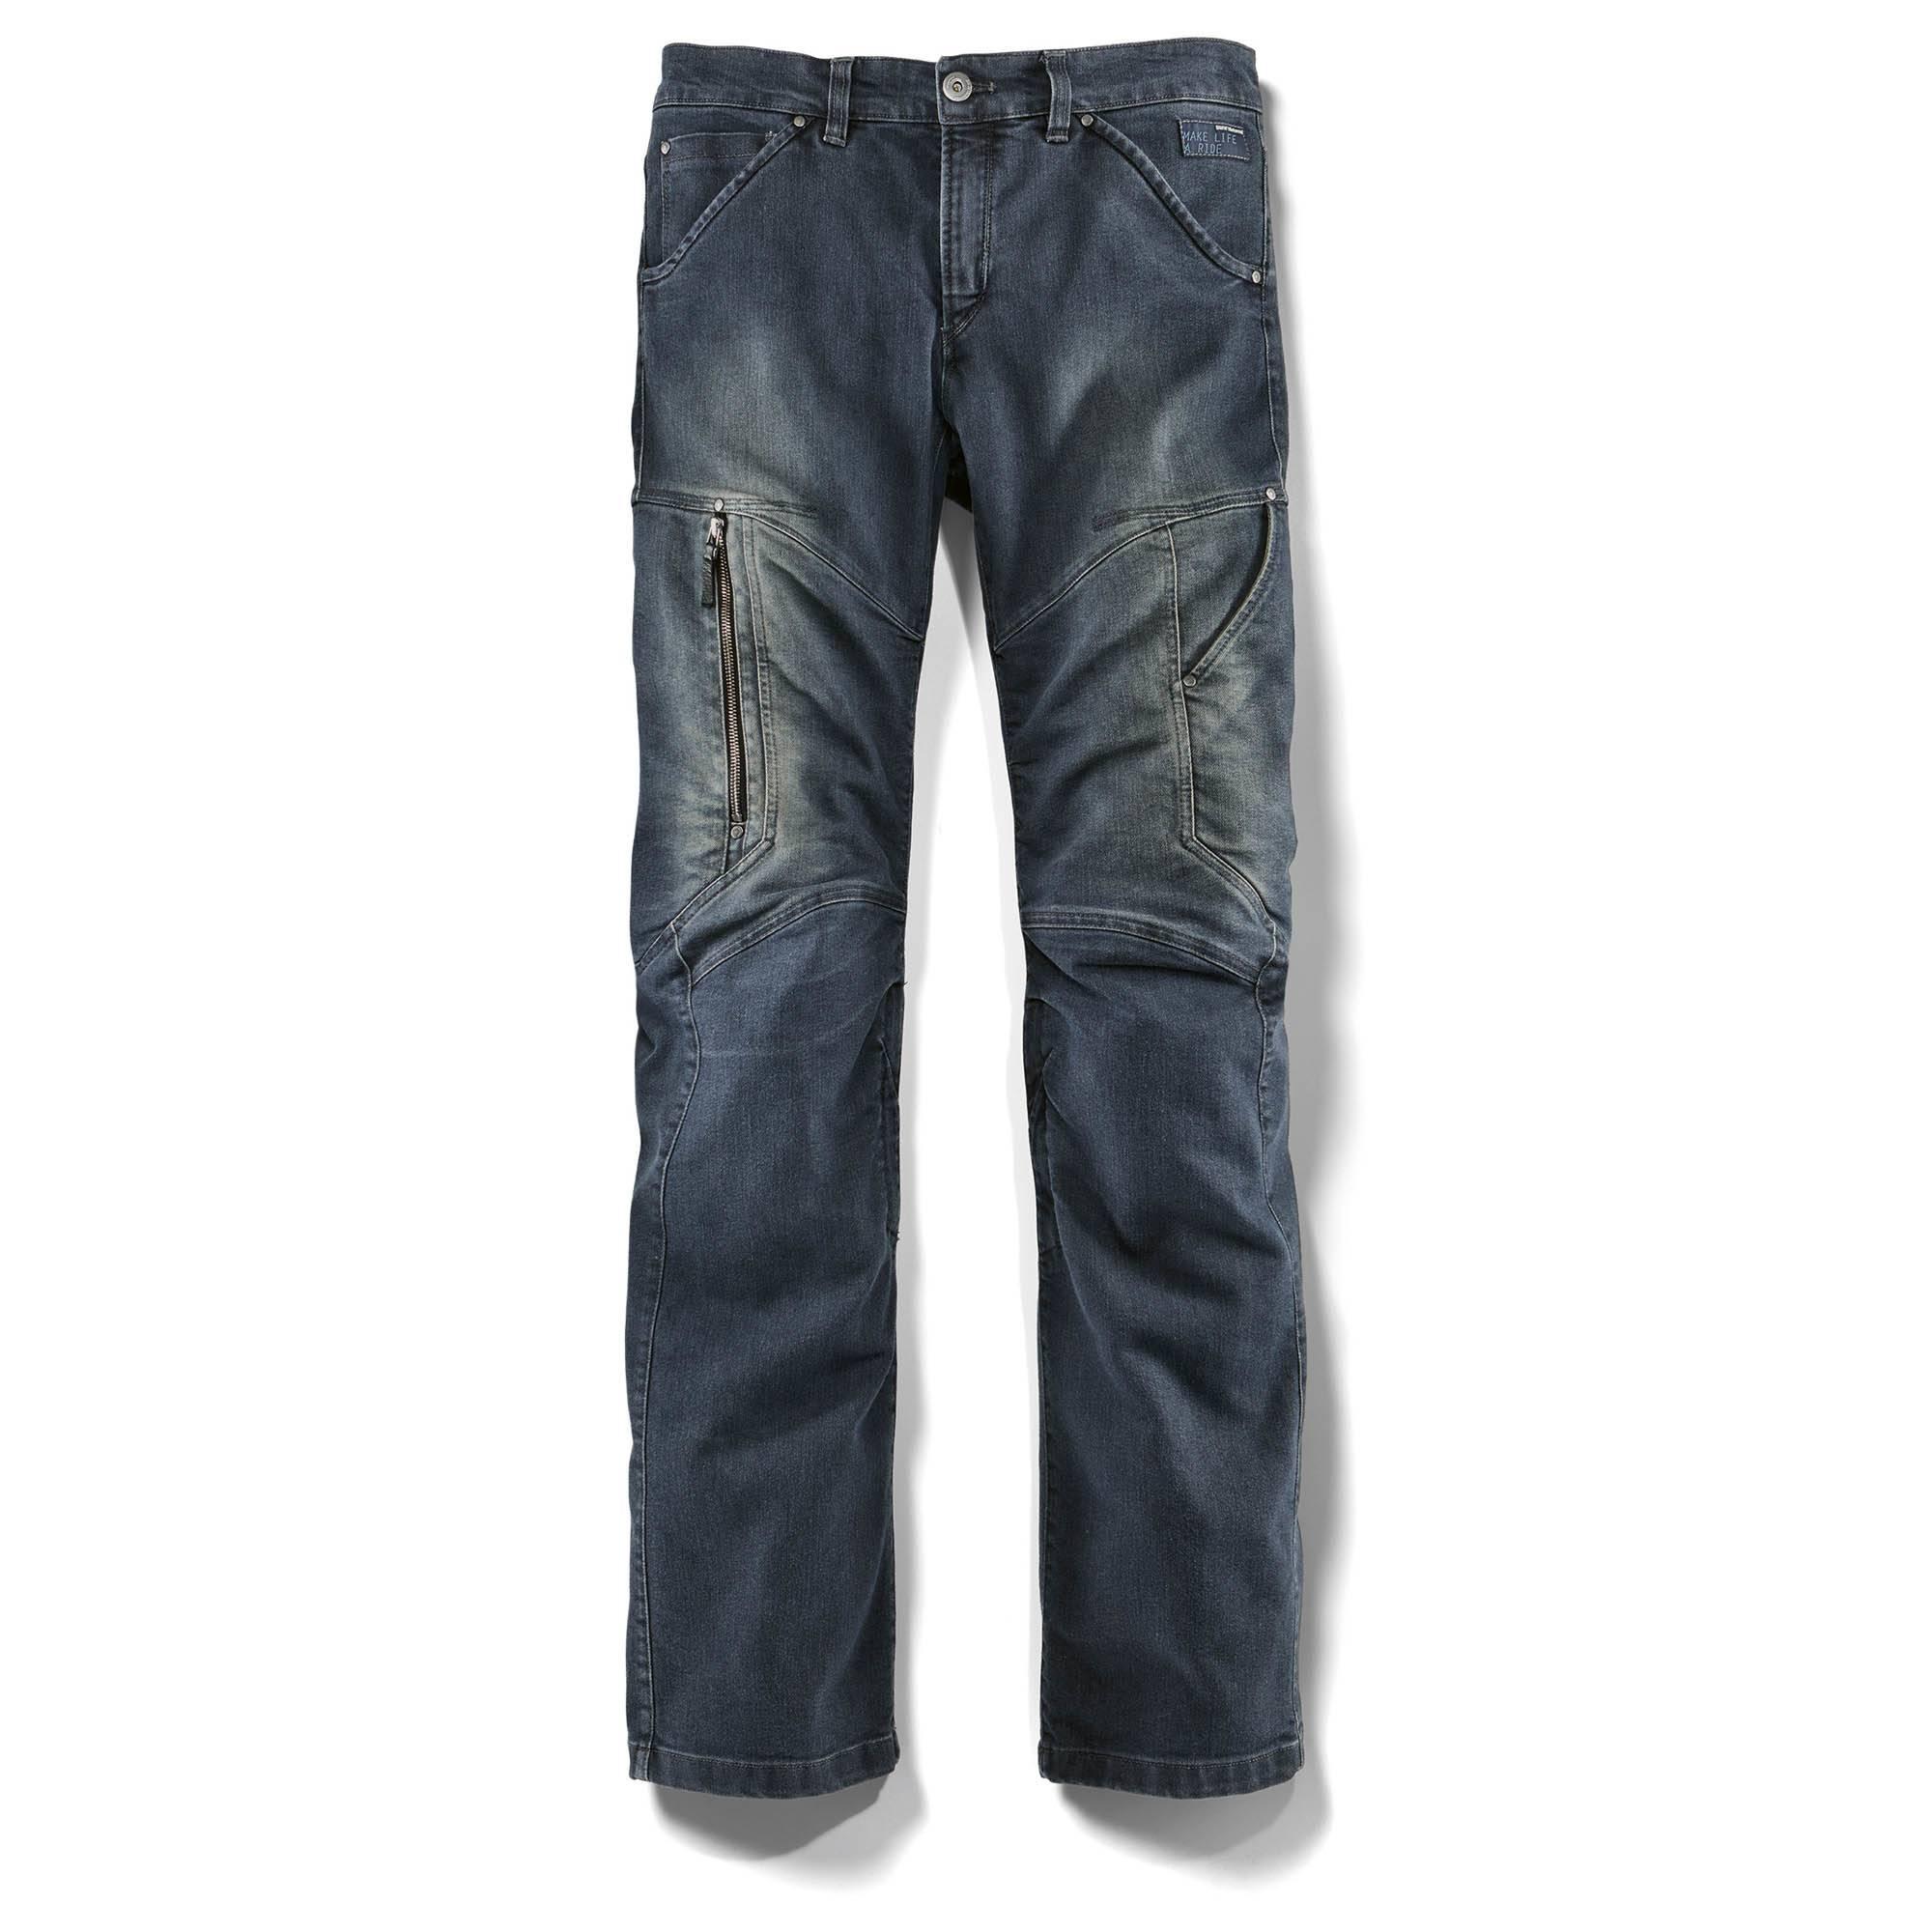 Pantalón de moto tejano CITY DENIM Hombre